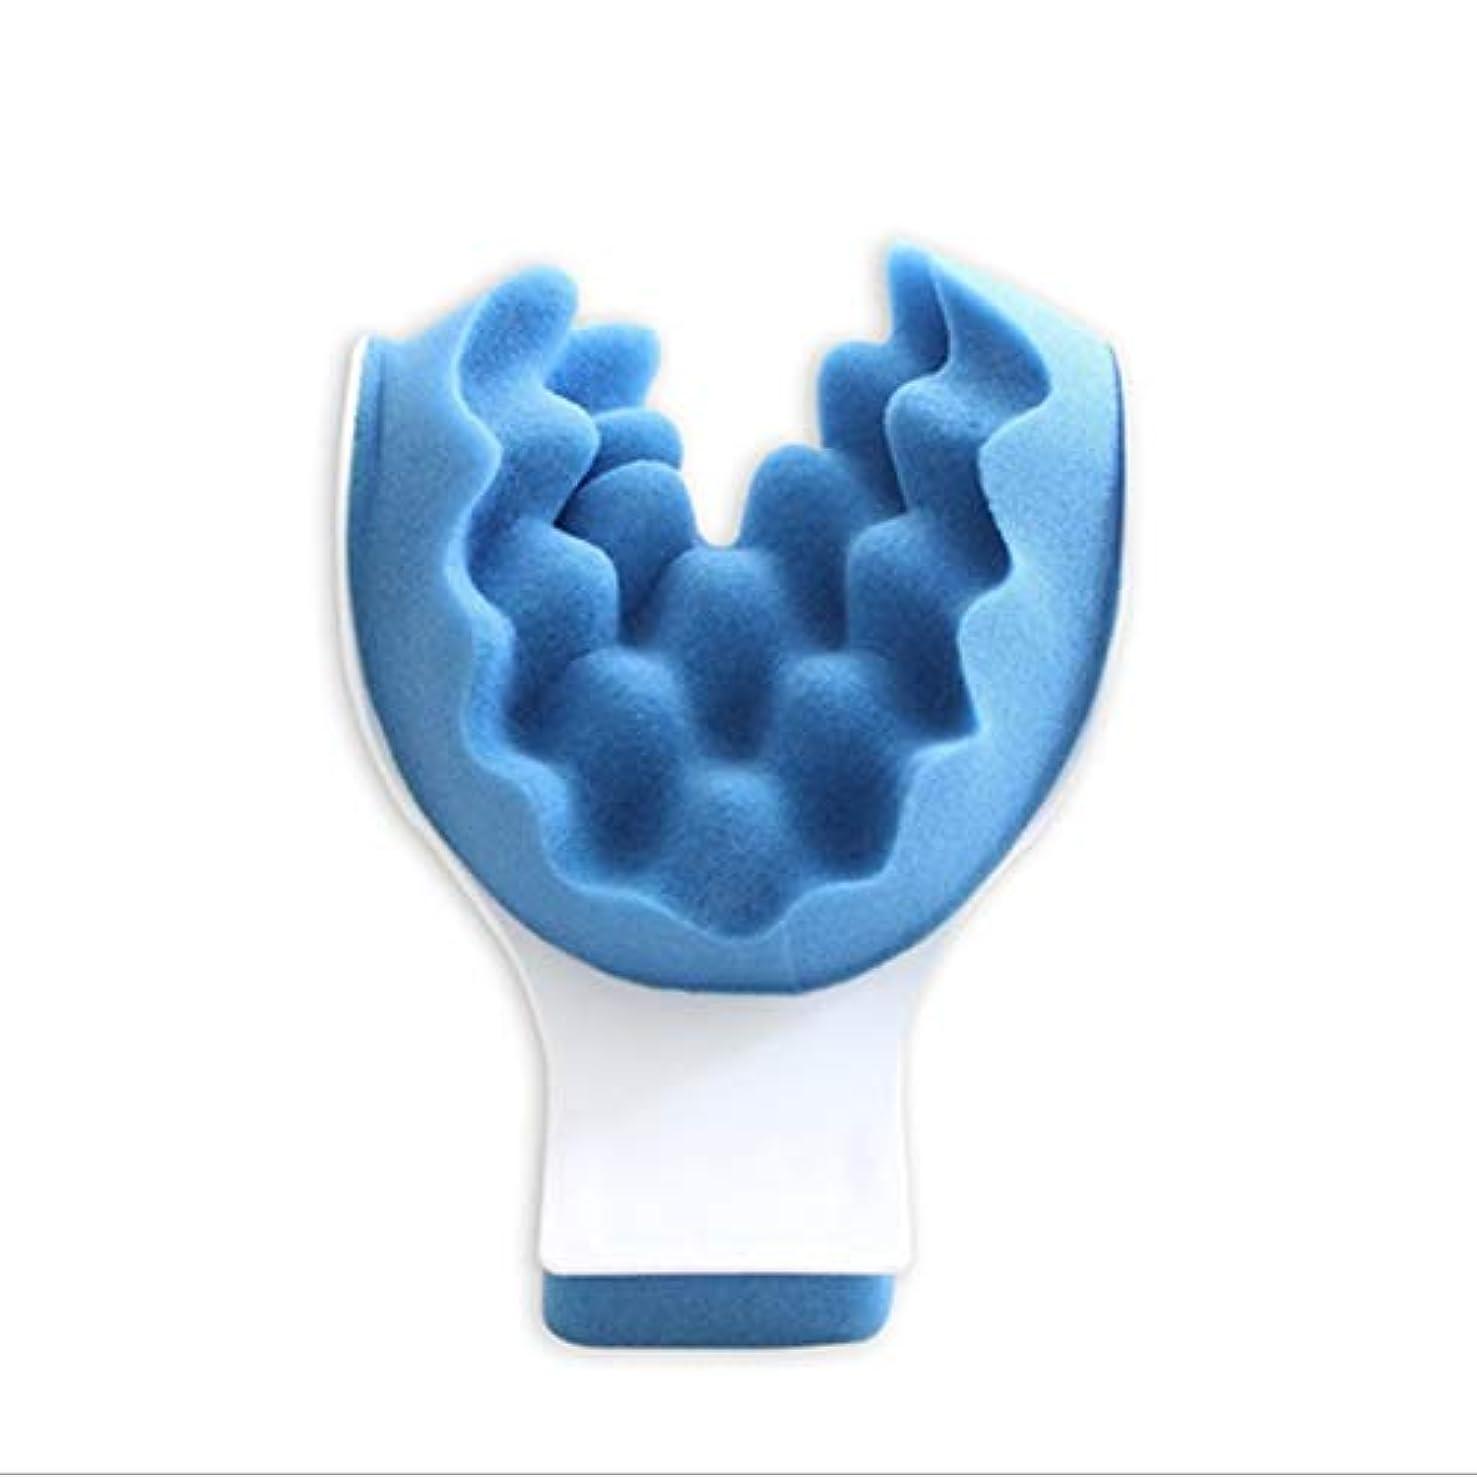 核トラフィック宣伝マッスルテンションリリーフタイトネスと痛みの緩和セラピーティックネックサポートテンションリリーフネック&ショルダーリラクサー - ブルー